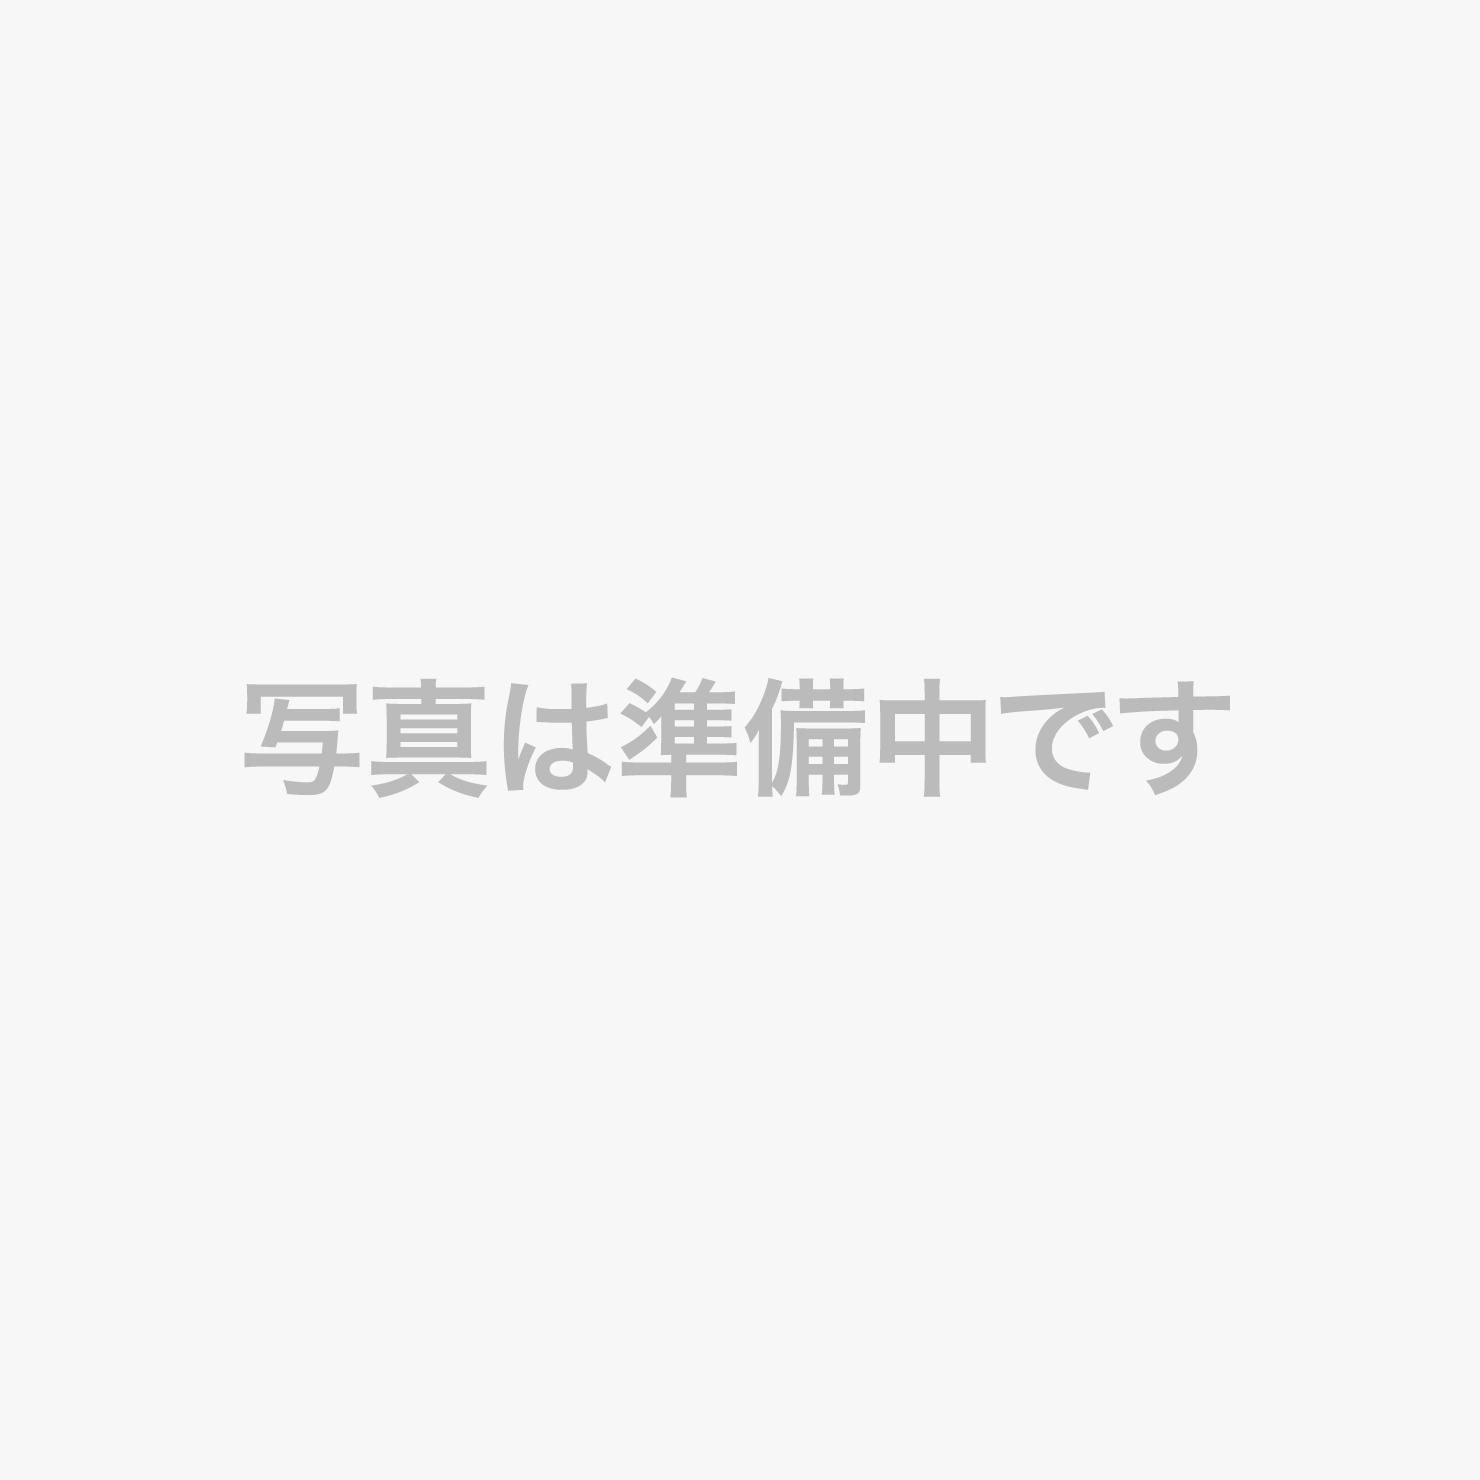 【海と朝日】を望む女性専用・岩露天 14:00~25:00 5:00~11:00